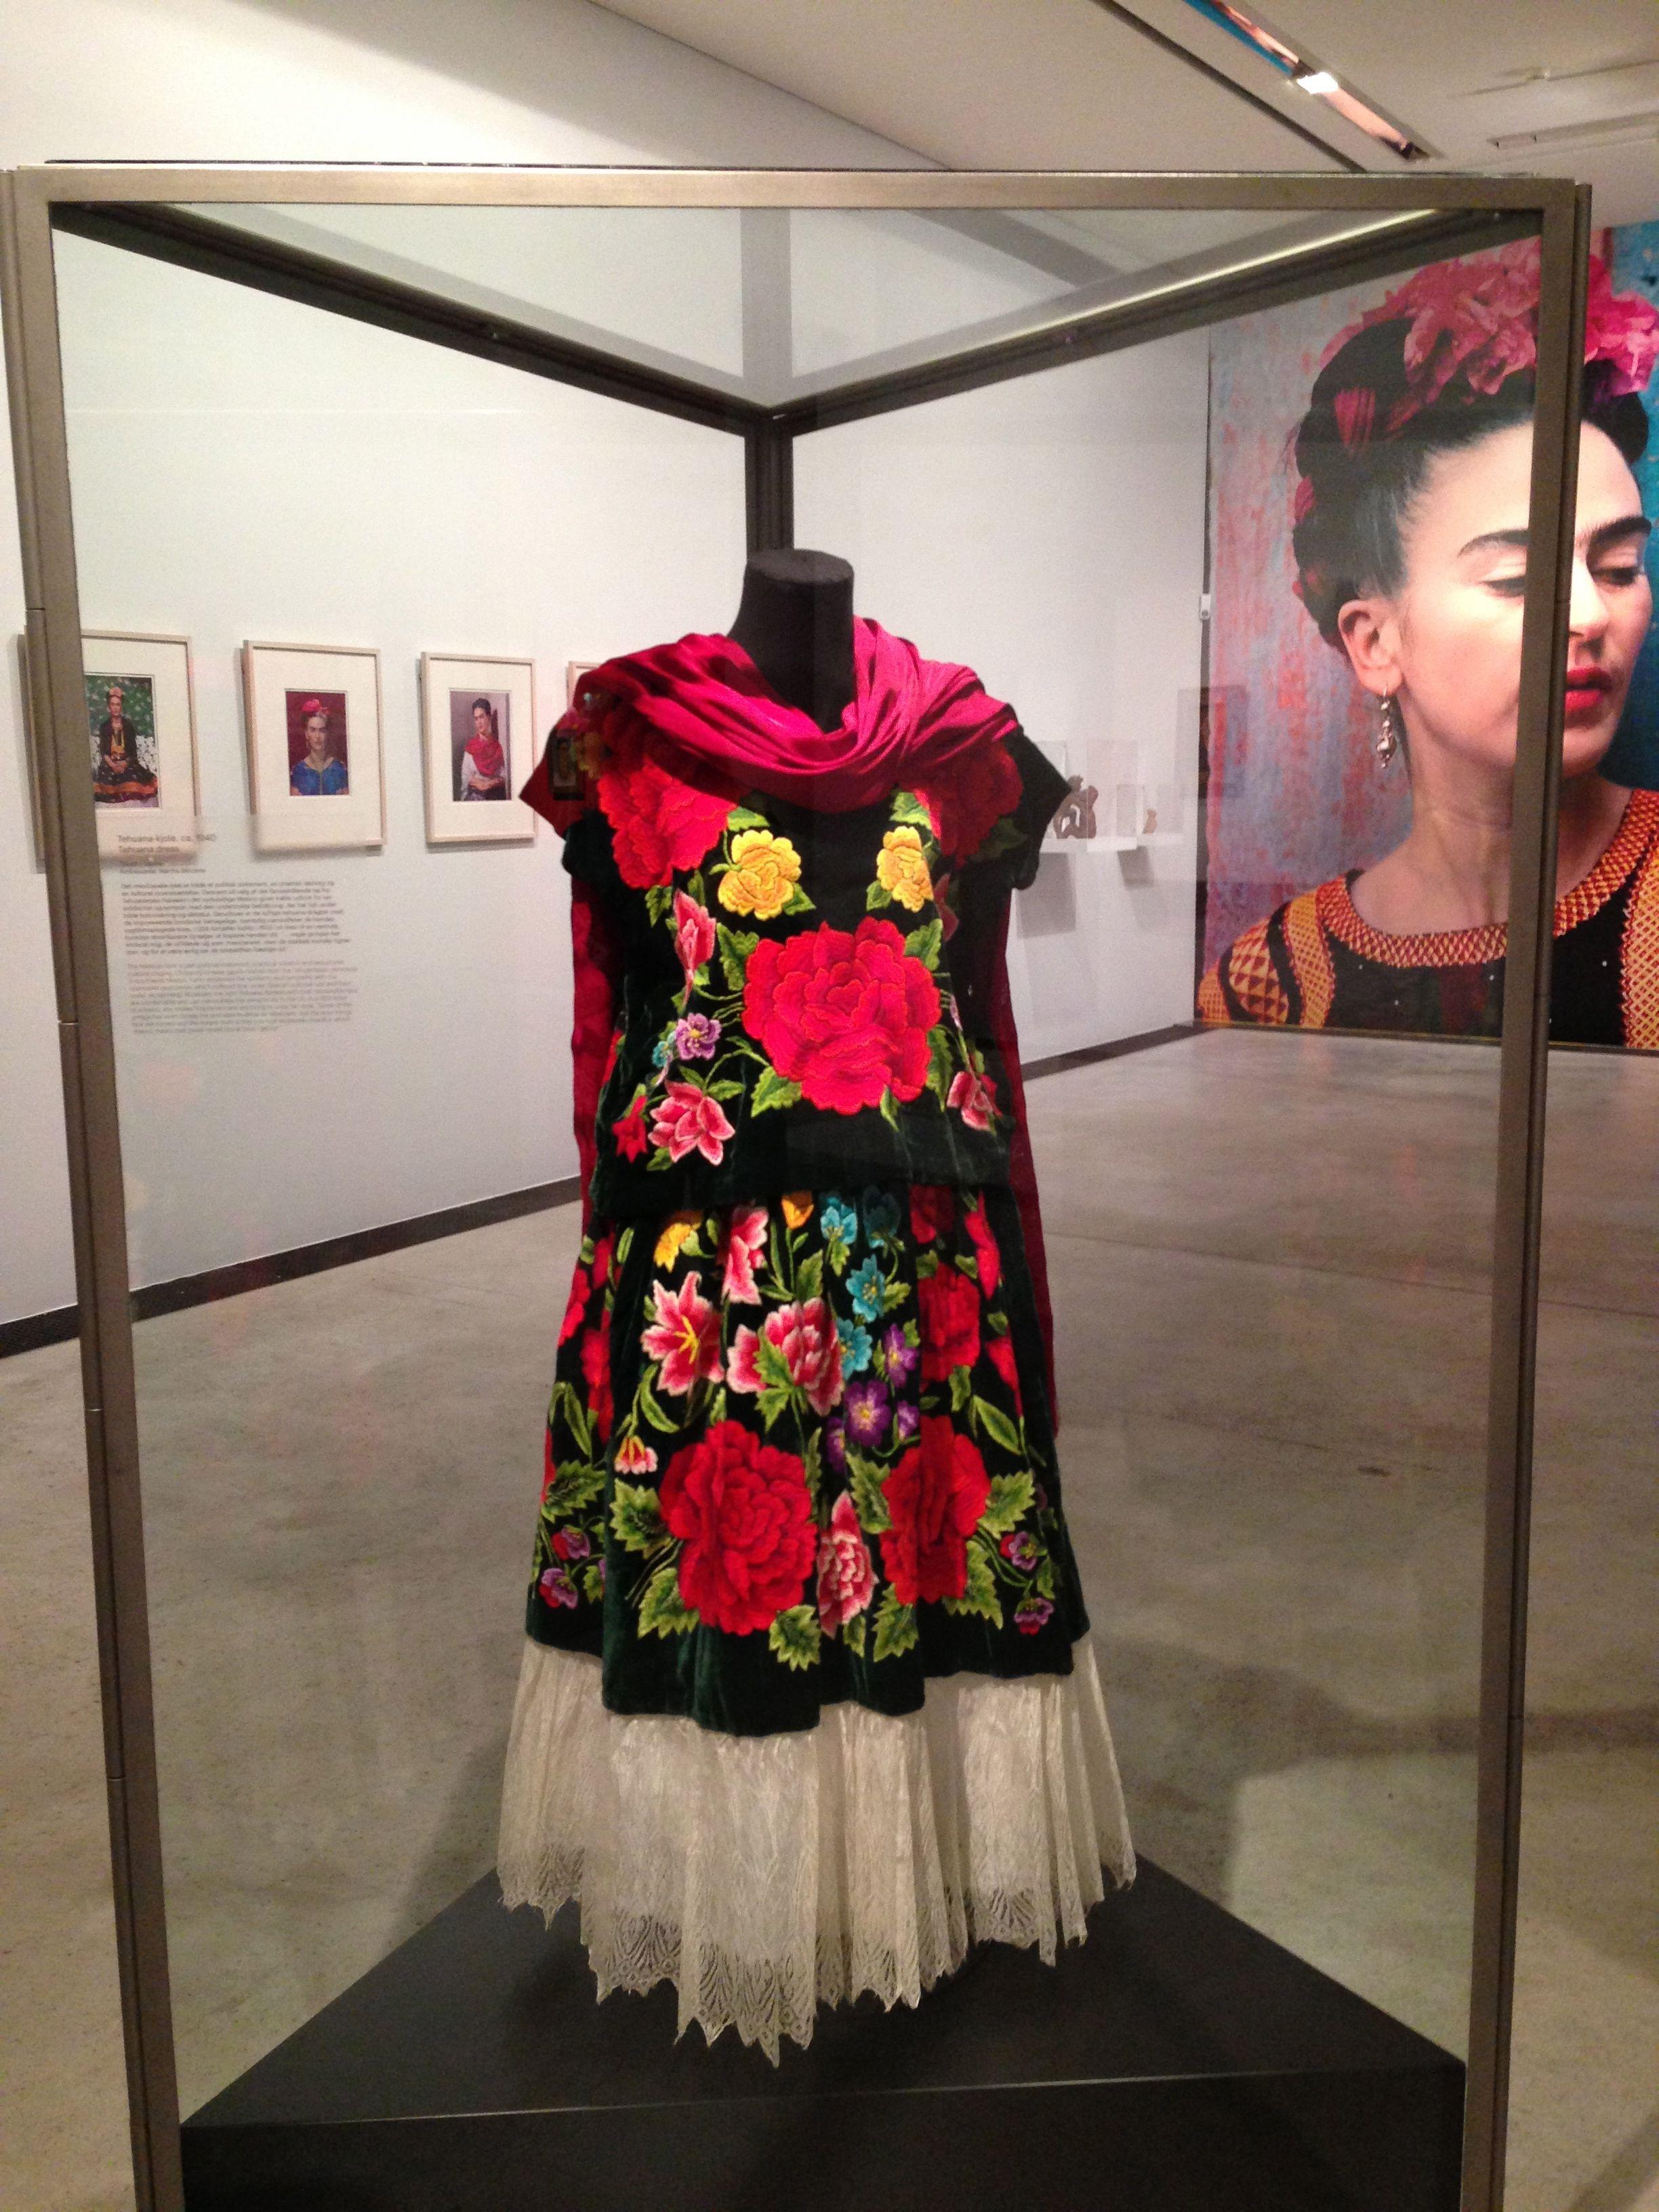 Frida Kahlo På Arken Vestidos De Frida Kahlo Fridah Kahlo